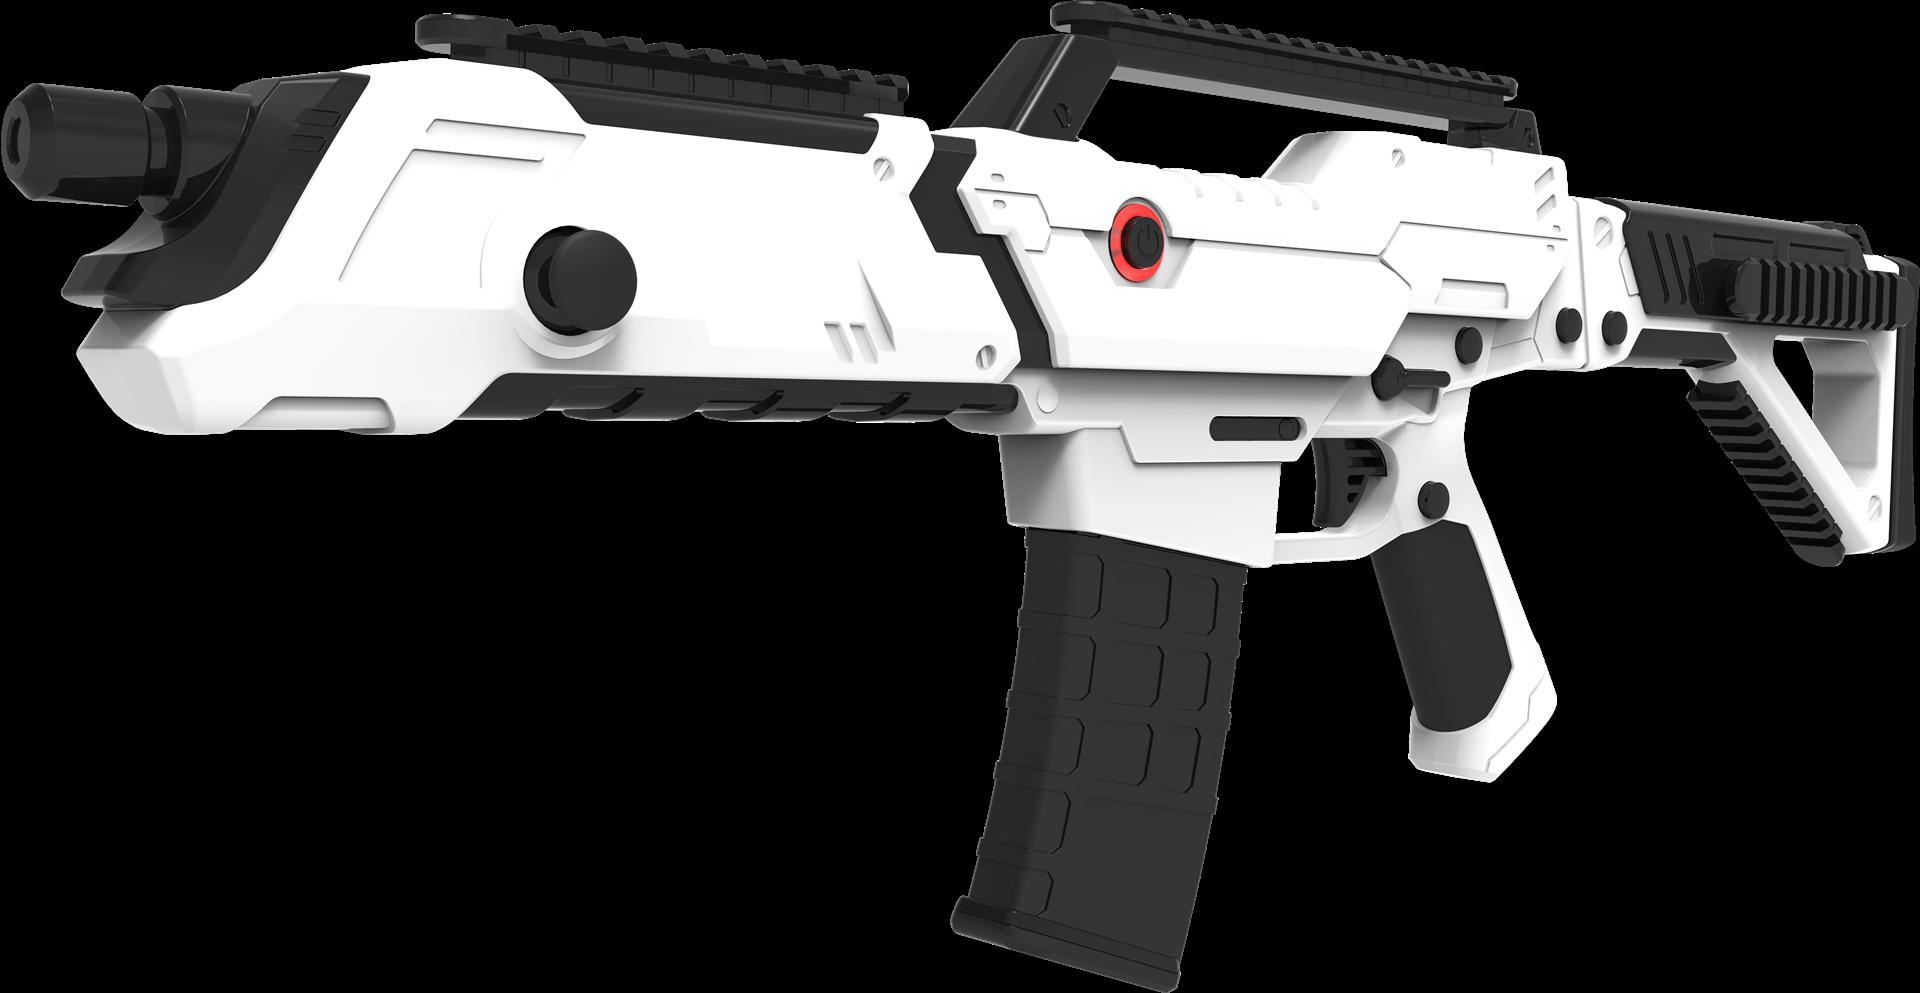 Ppgun pp gun official. Guns clipart fps